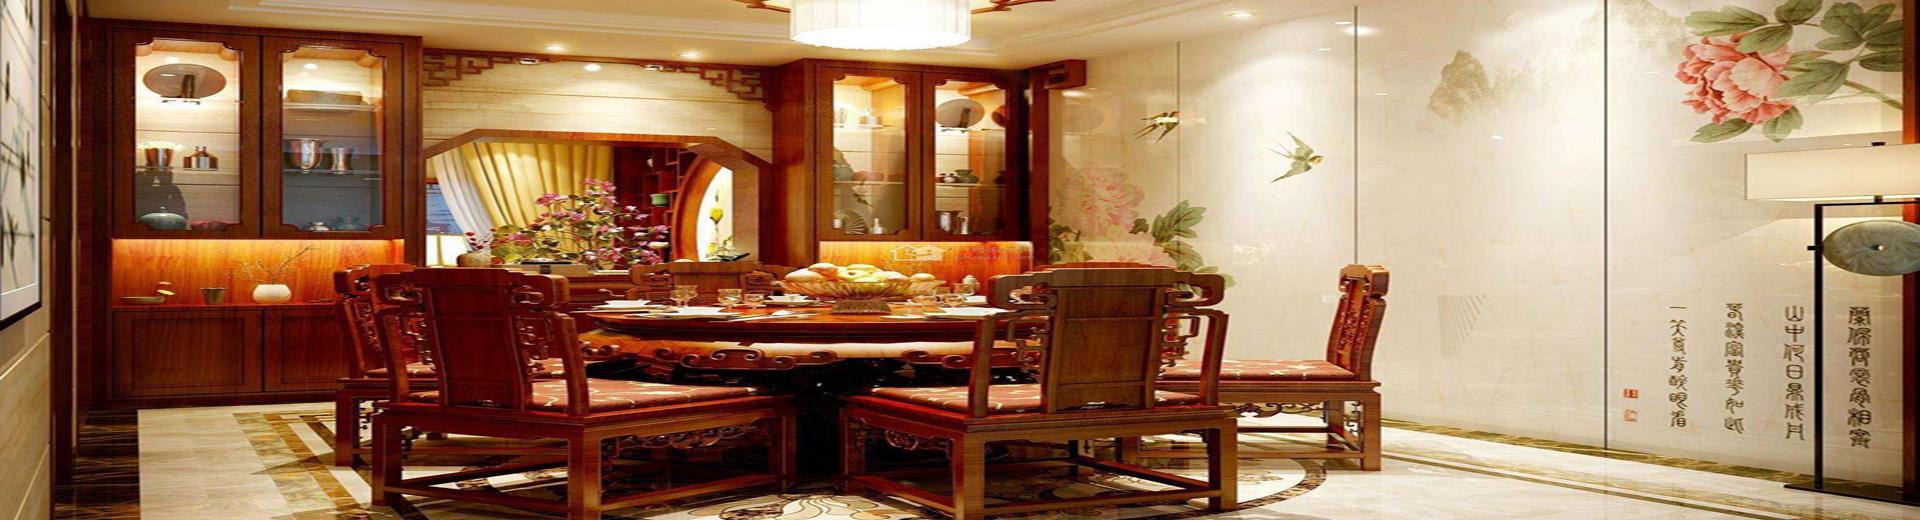 中式酒柜裝飾設計案例,現代家居中的古典之美